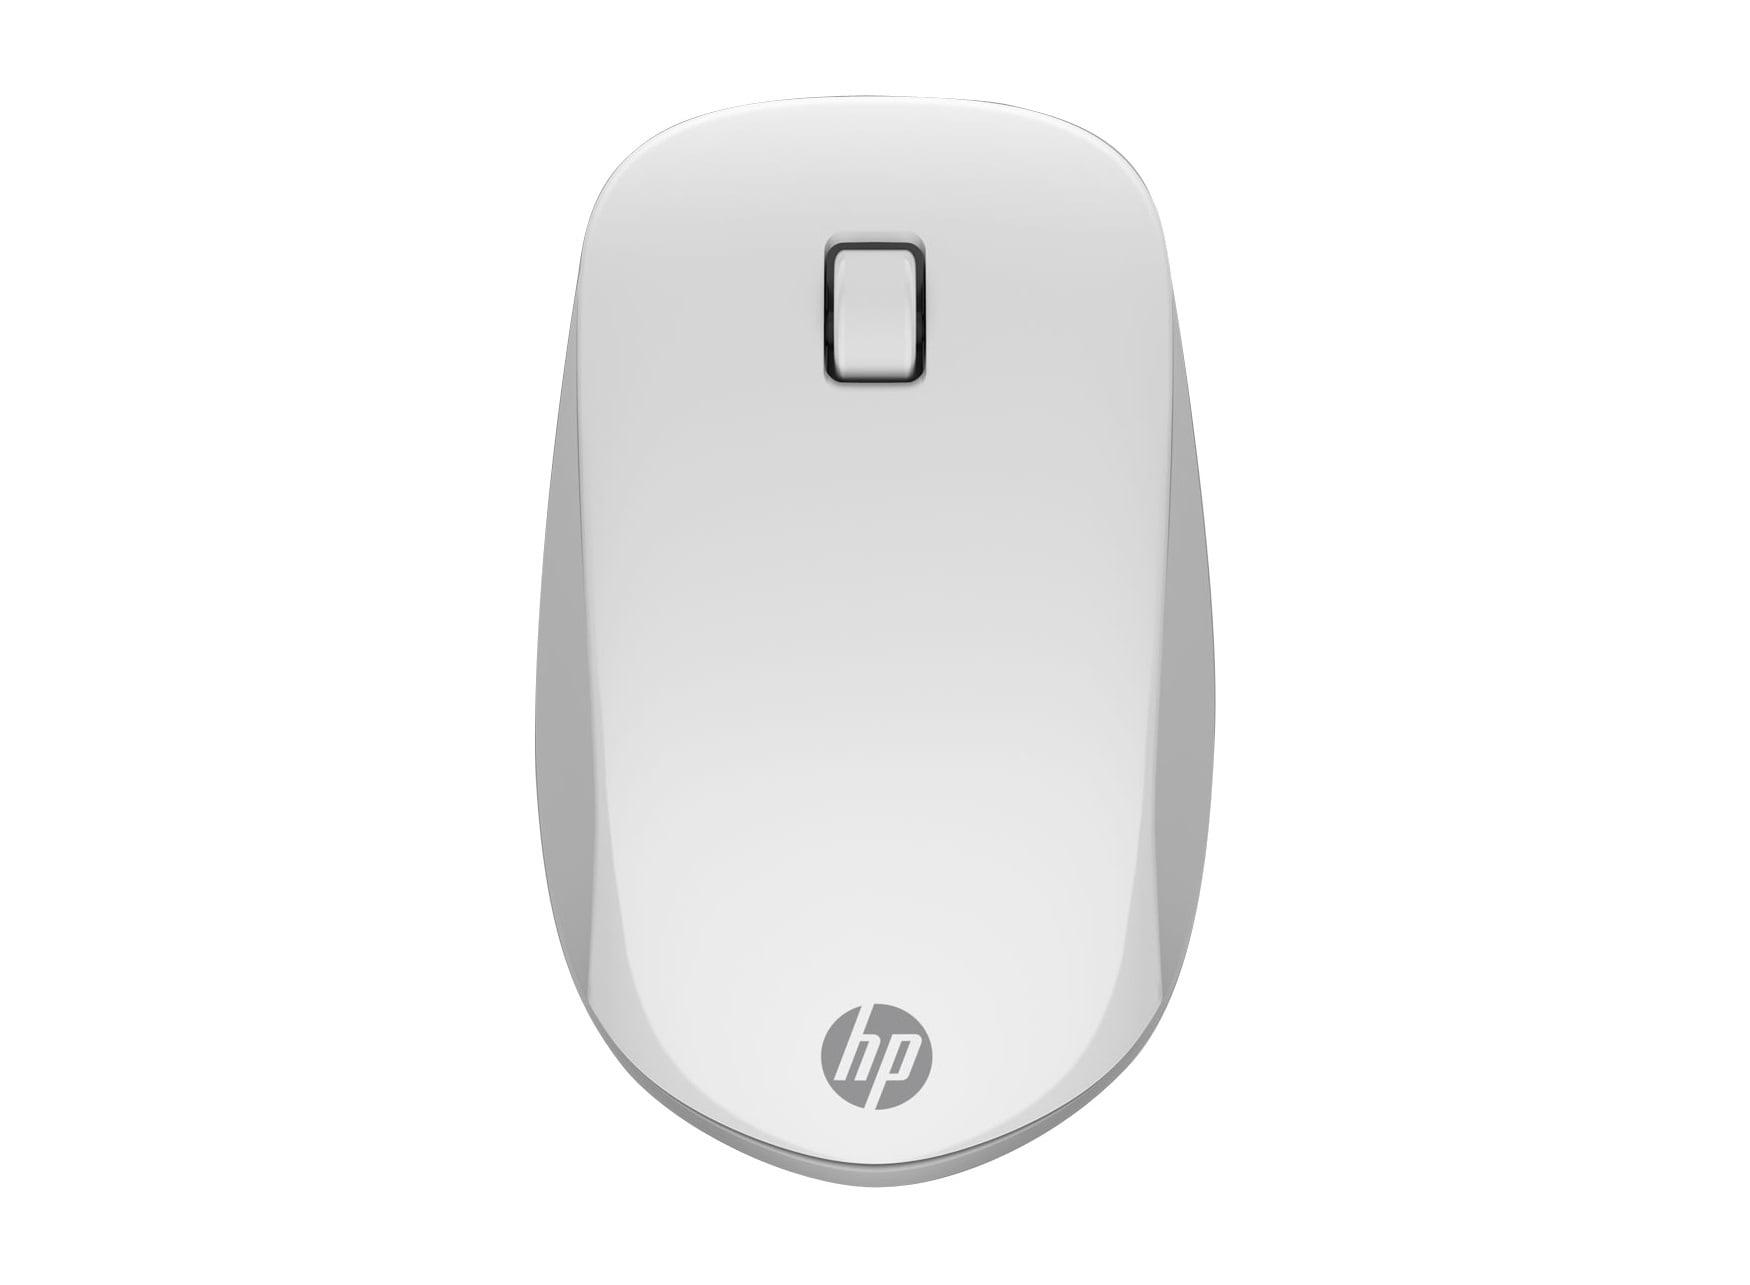 Как настроить bluetooth мышь HP Z5000 на Windows 10 X64